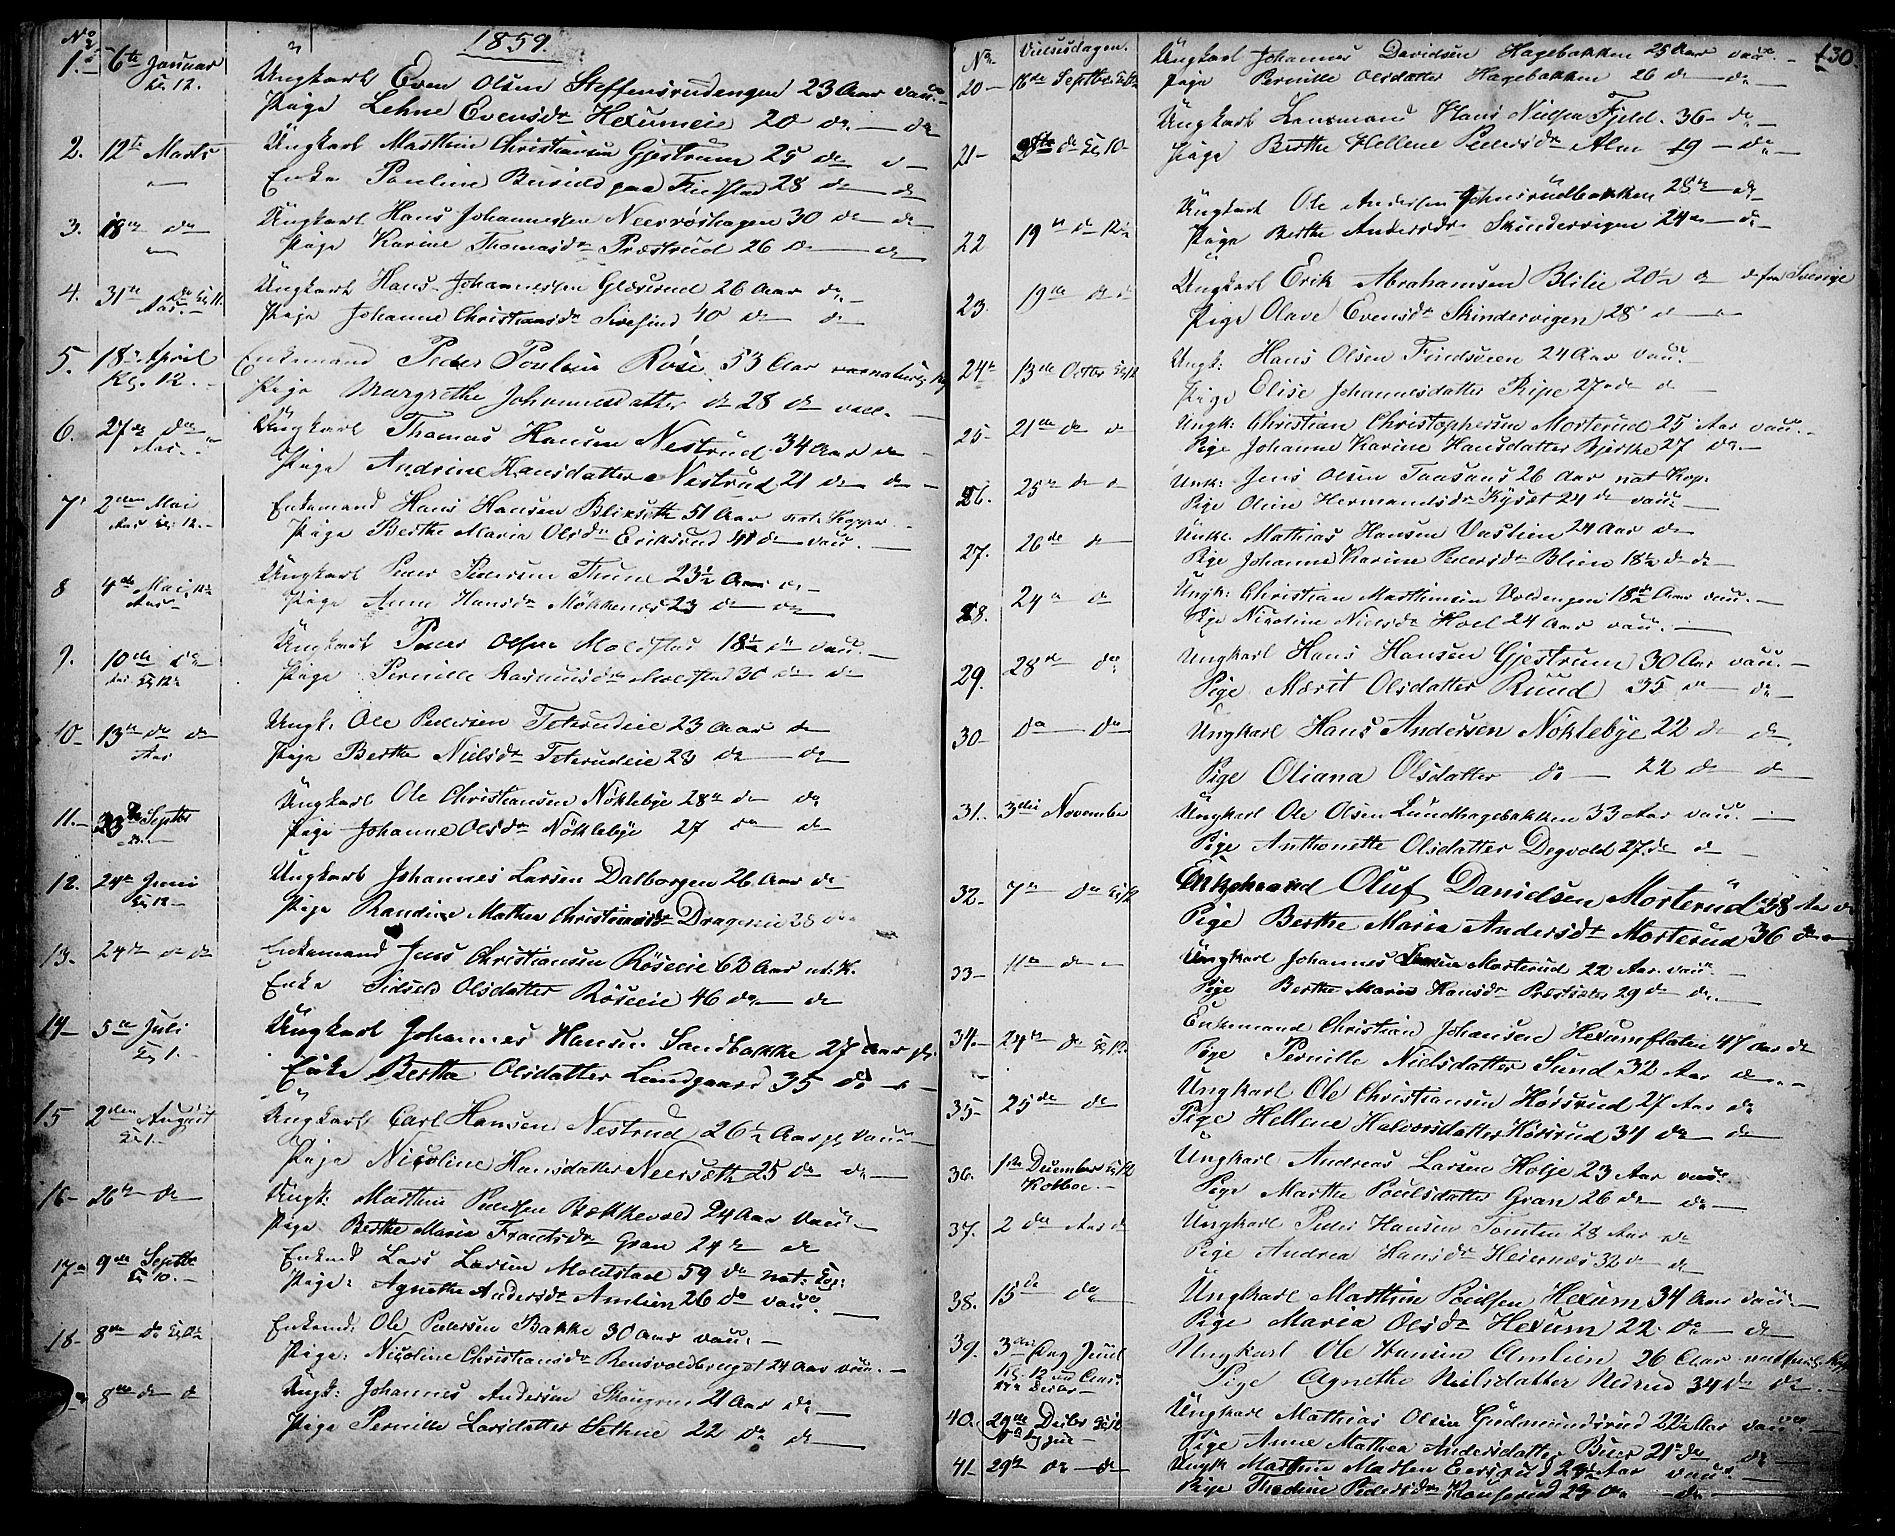 SAH, Vestre Toten prestekontor, Klokkerbok nr. 5, 1854-1870, s. 130